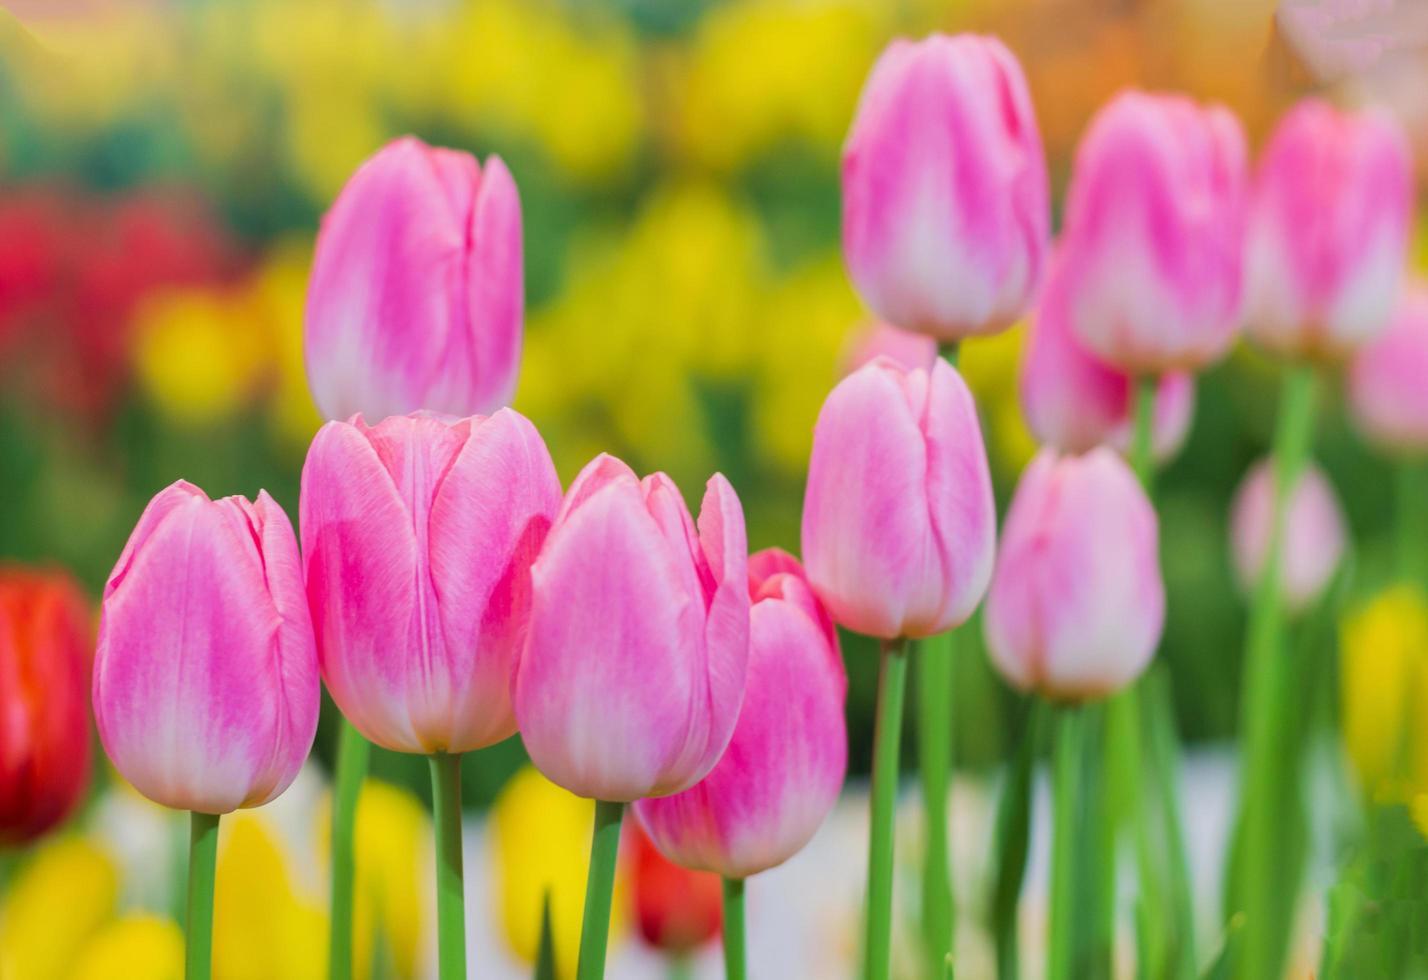 Fleurs de tulipes roses dans le jardin photo